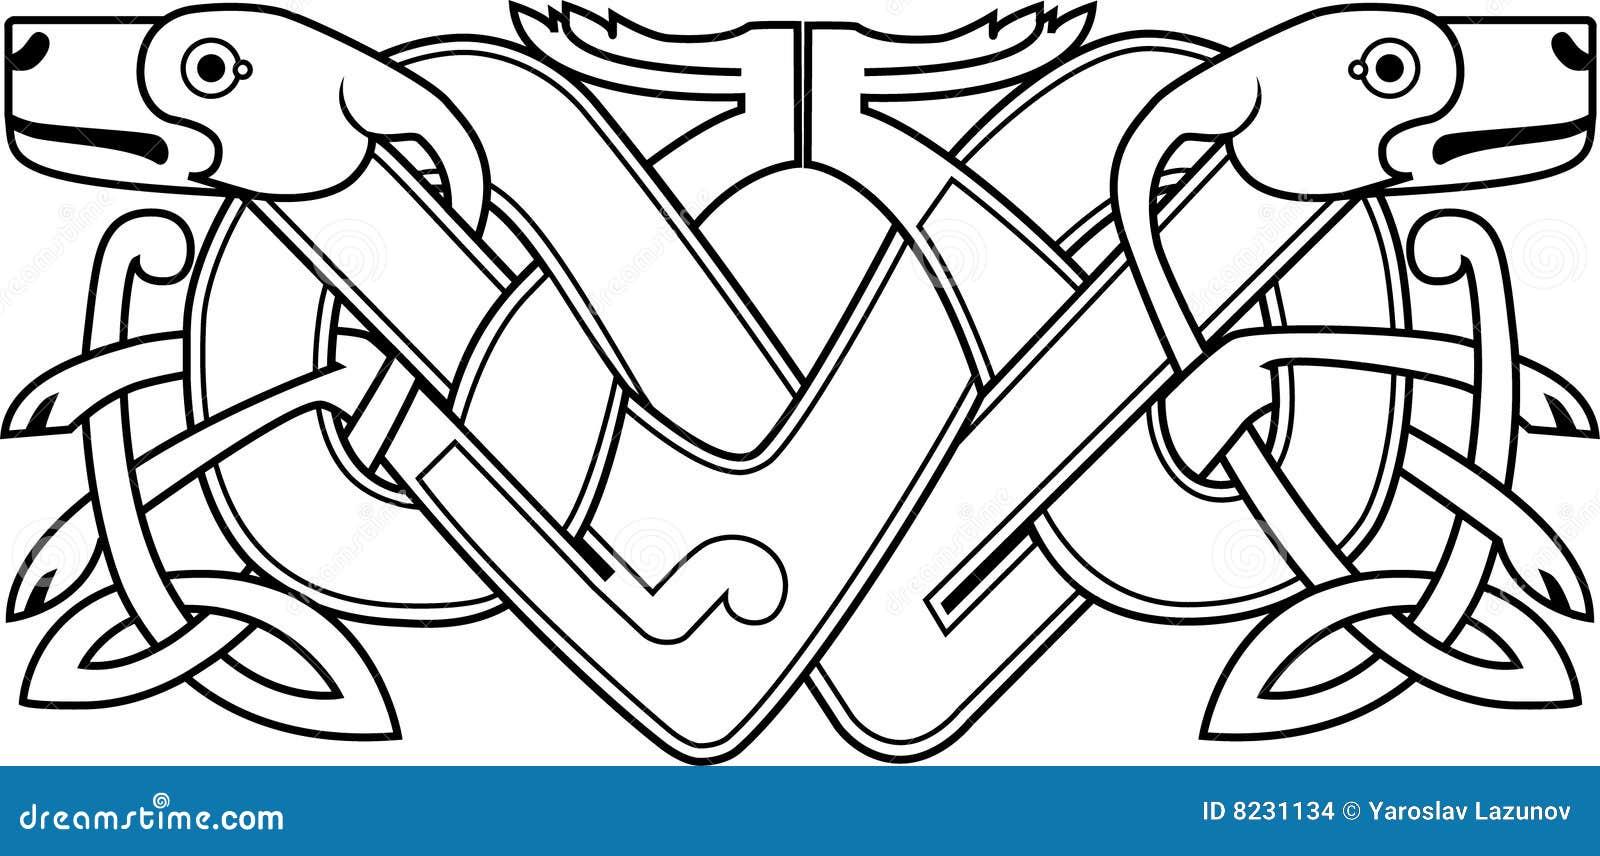 Großzügig Keltische Knoten Malvorlagen Zum Ausdrucken Bilder ...